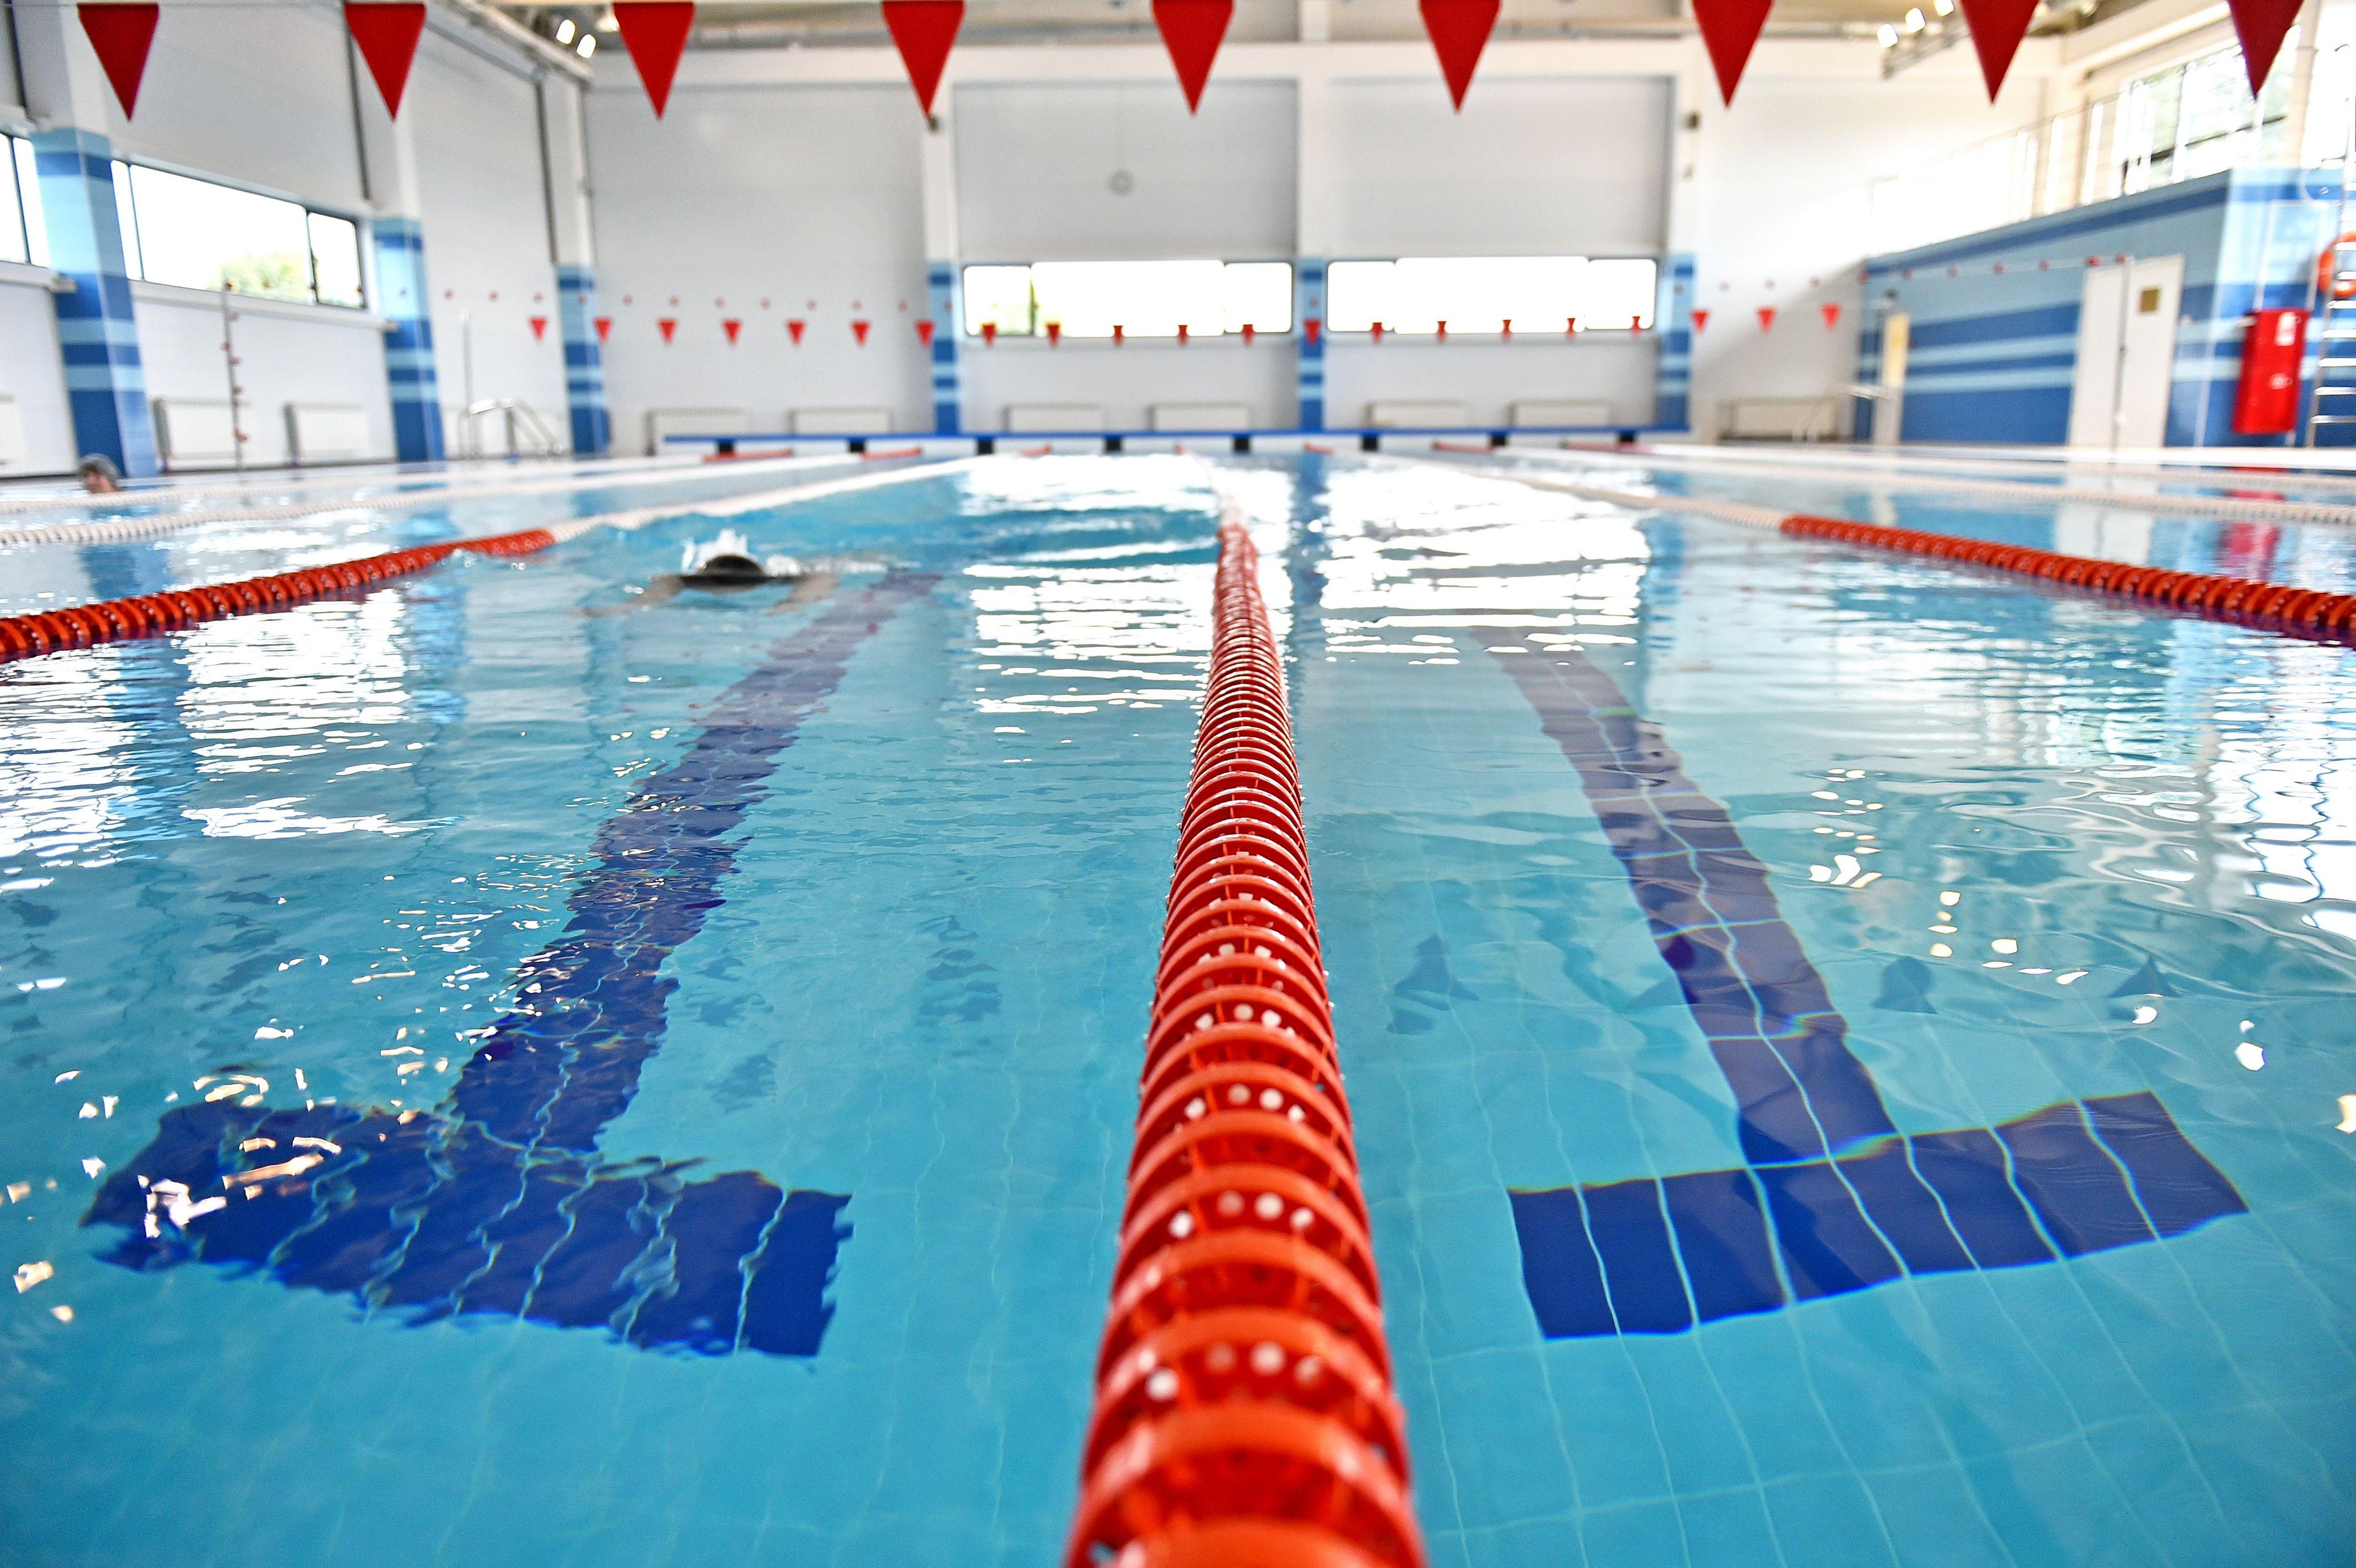 Школа «Самбо-70» в Коммунарке получит два бассейна